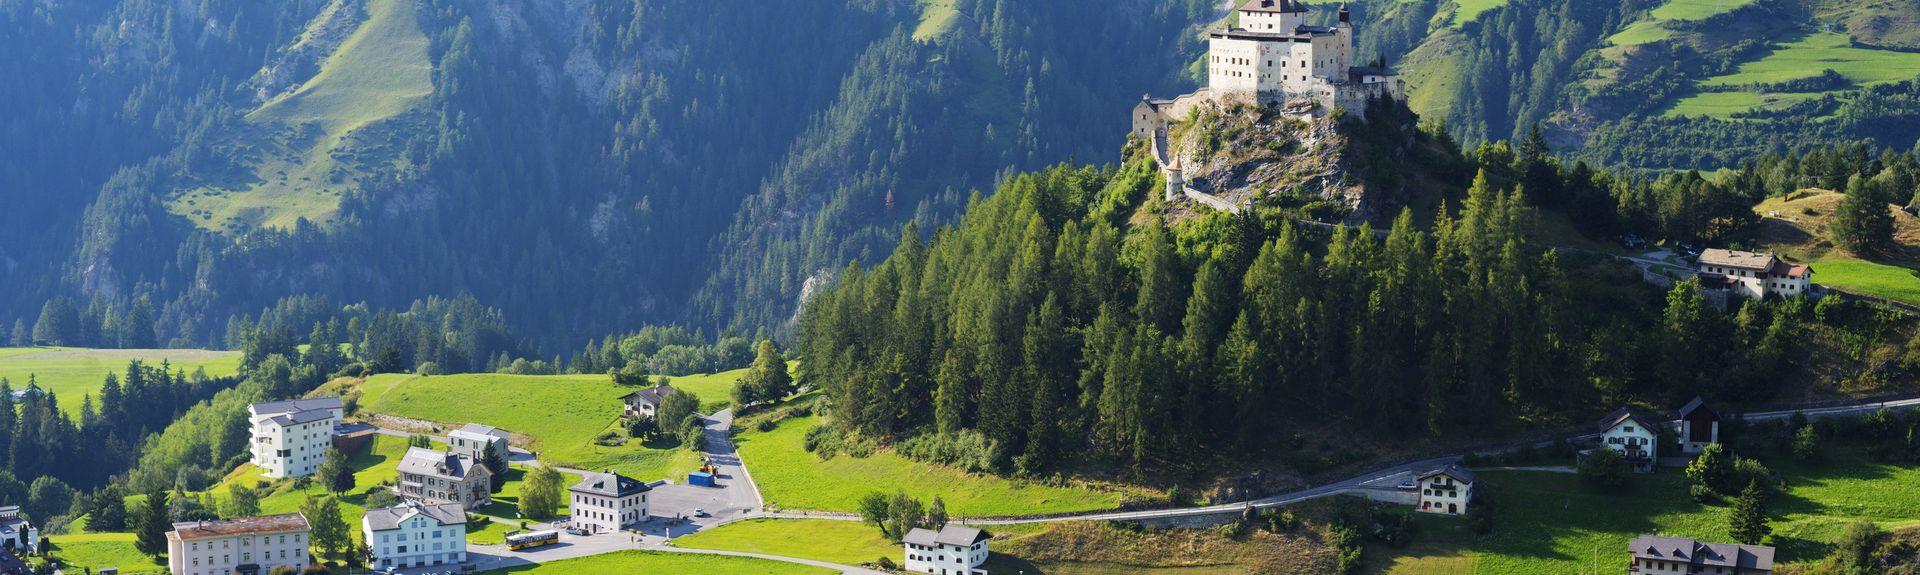 Scuol, Graubuenden, Suiza